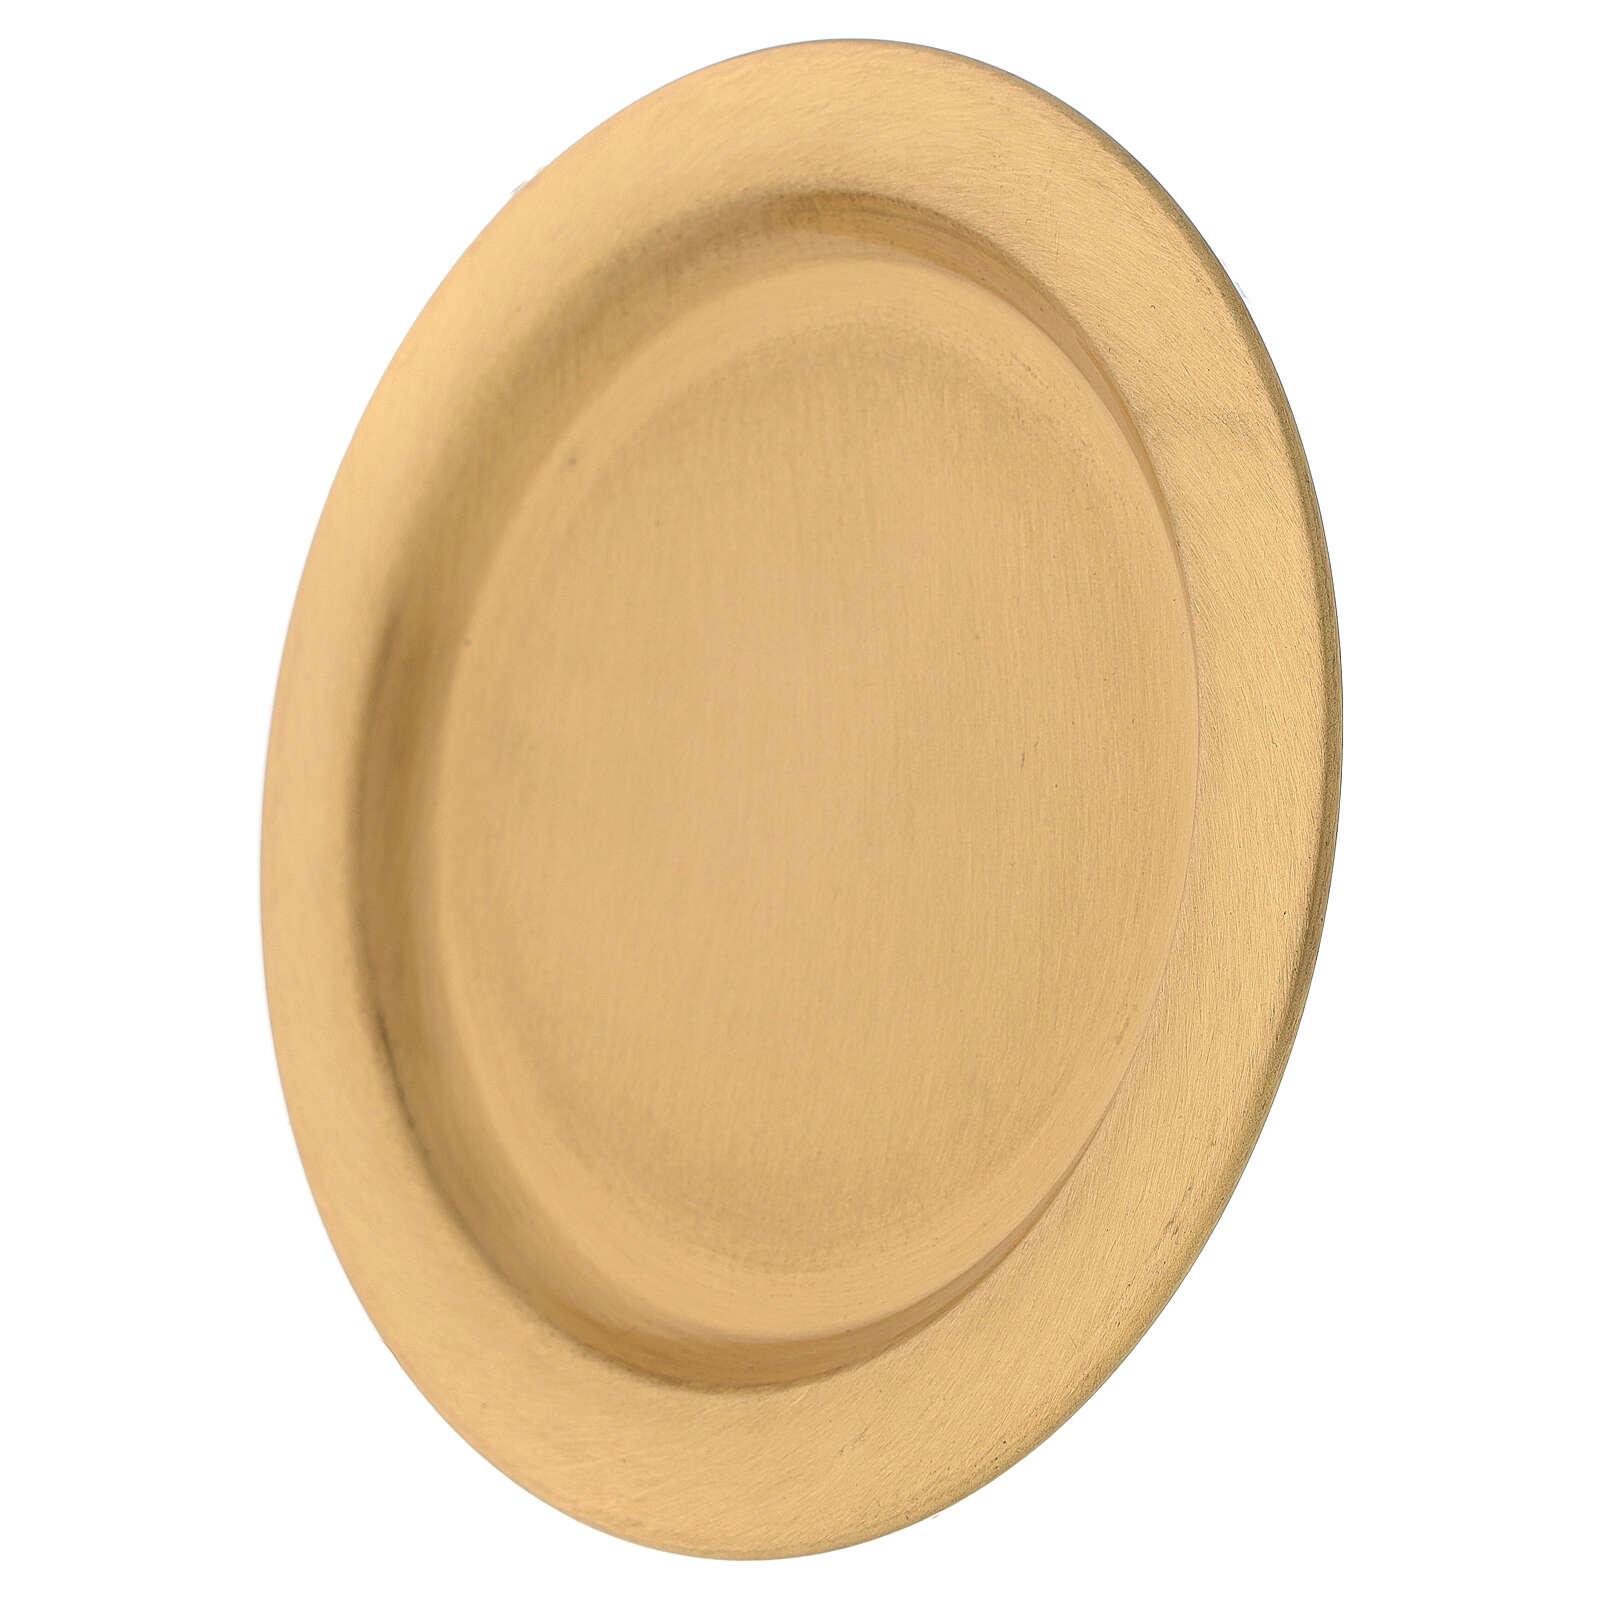 Assiette pour bougie laiton satiné doré 12 cm 3